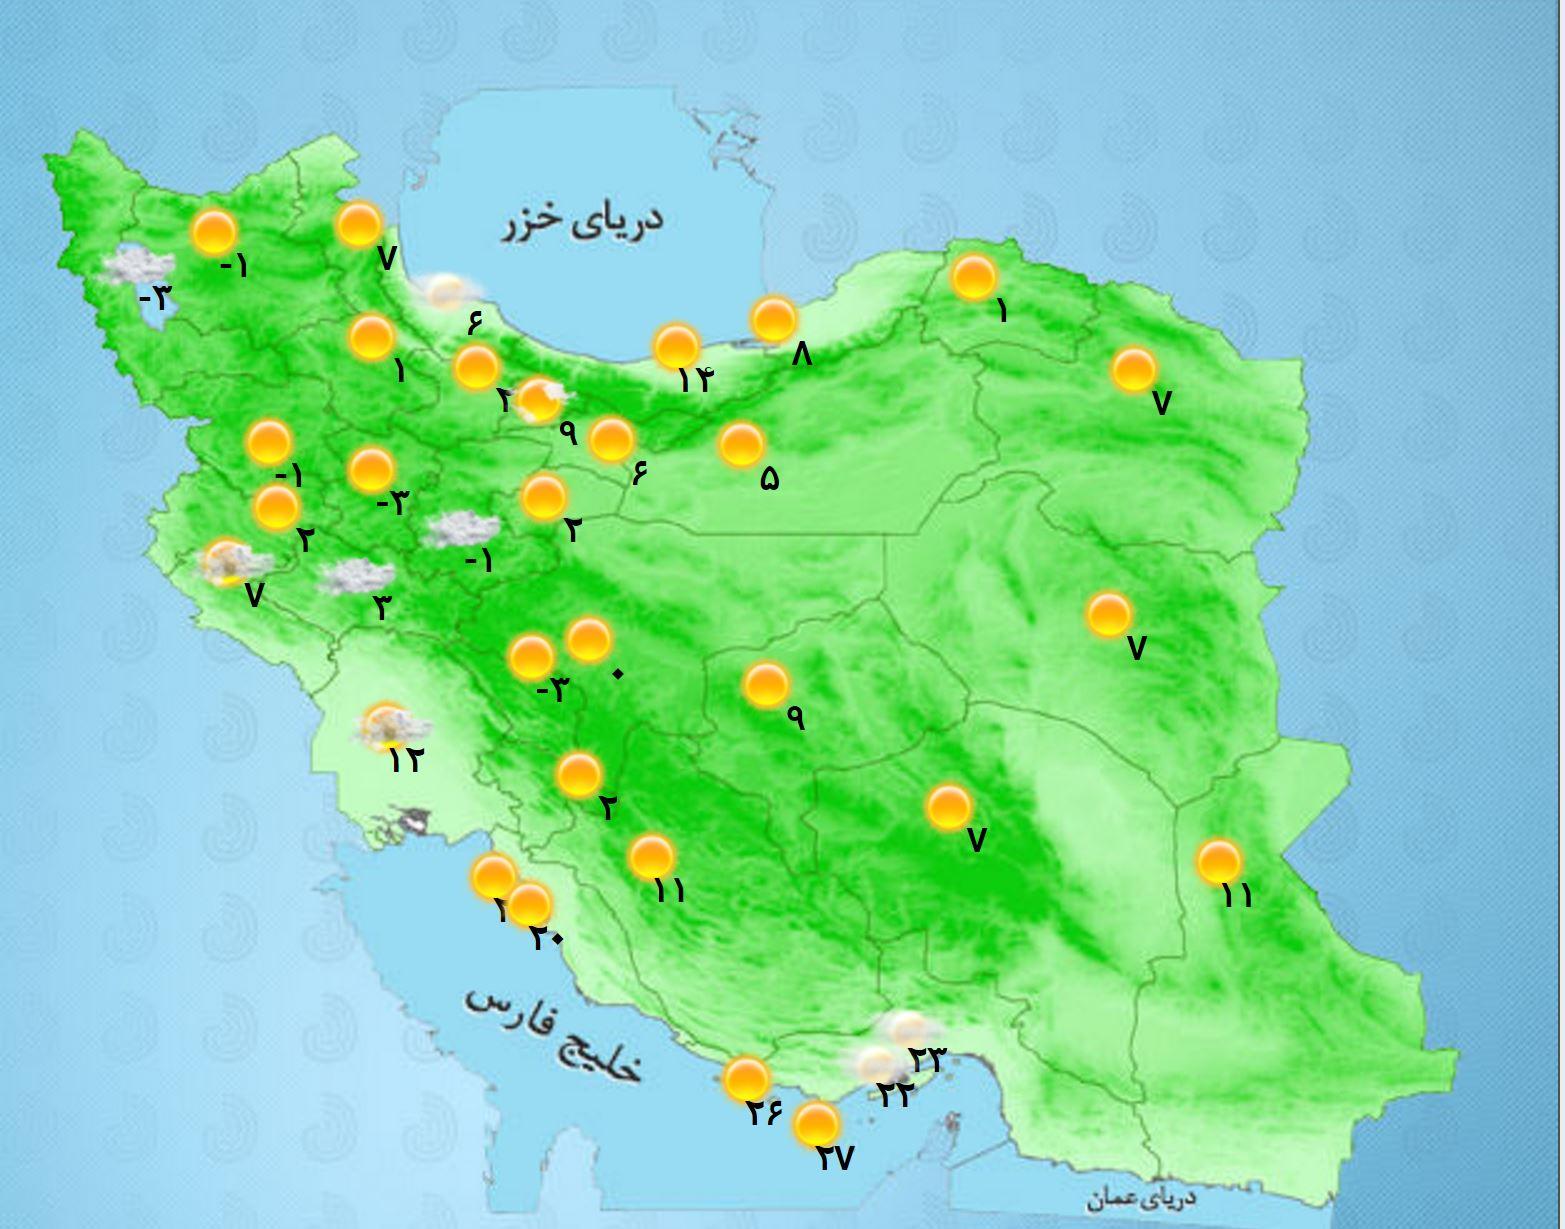 ورود سامانه بارشی جدید از امروز/خلیج فارس مواج خواهد شد+جدول